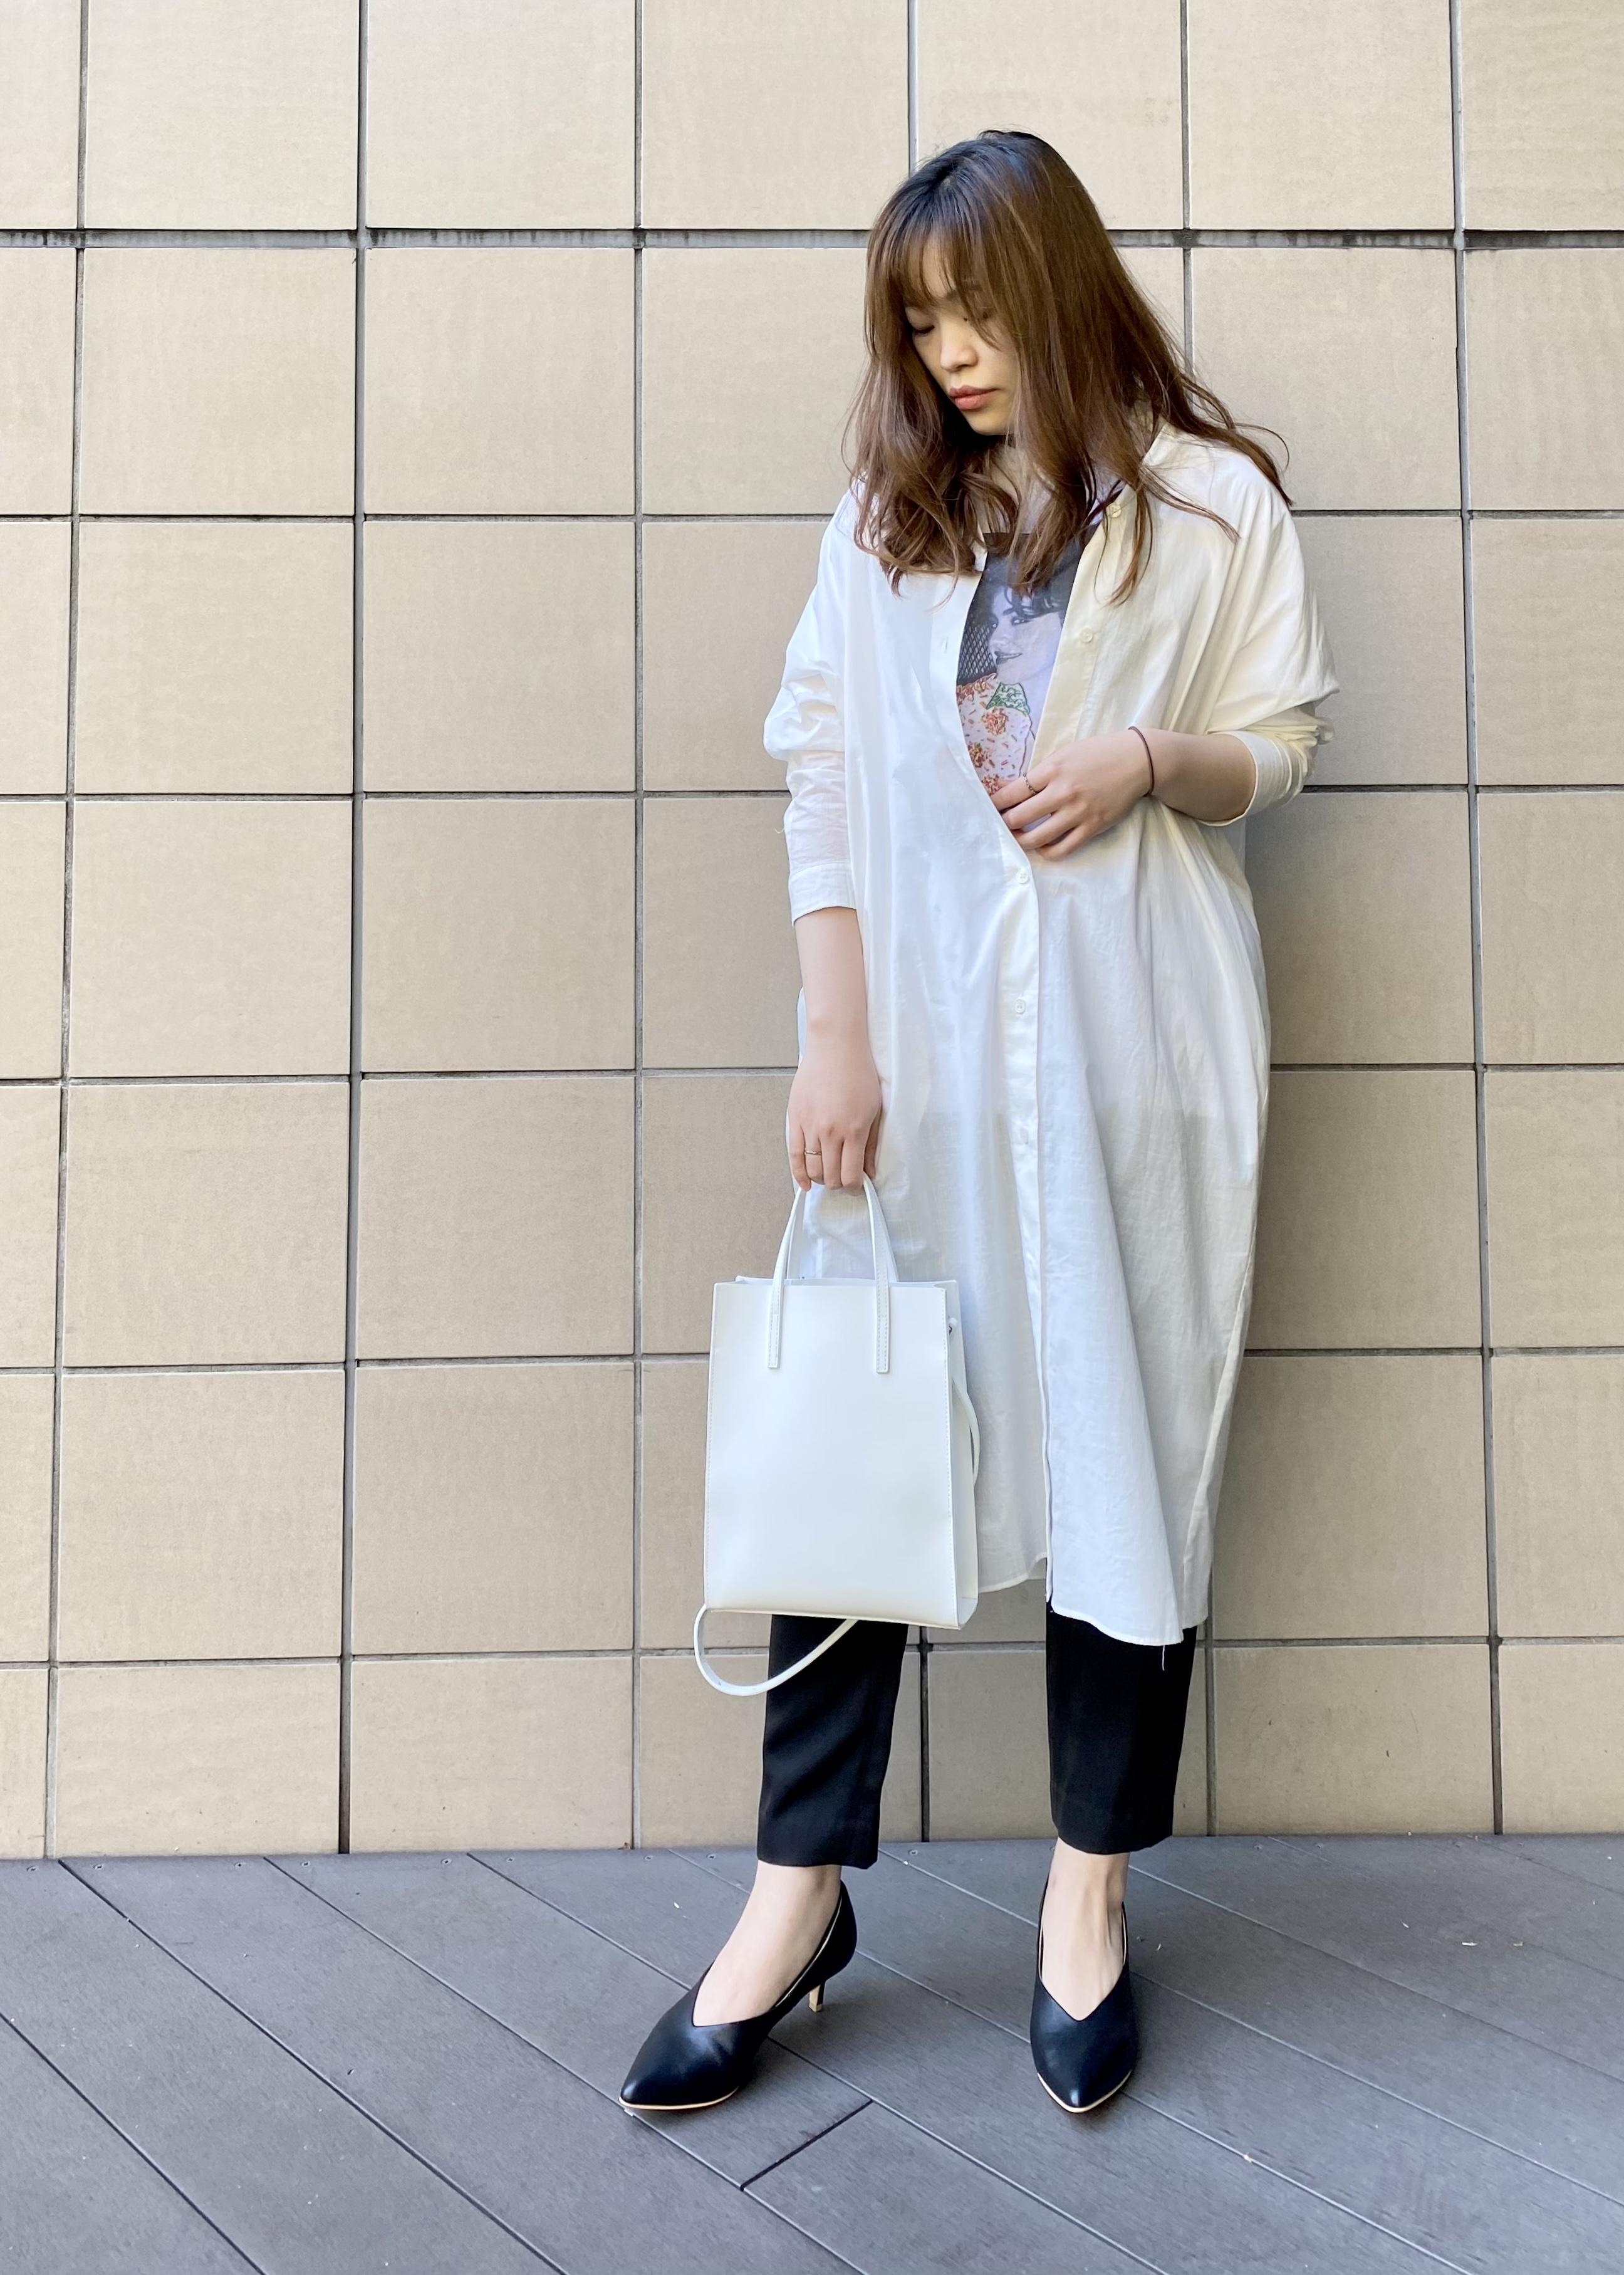 SALON adam et rope'の【YAHKI for SALON】[選べる6色]別注マルチウェイ スクエアトートバッグを使ったコーディネートを紹介します。|Rakuten Fashion(楽天ファッション/旧楽天ブランドアベニュー)1094389